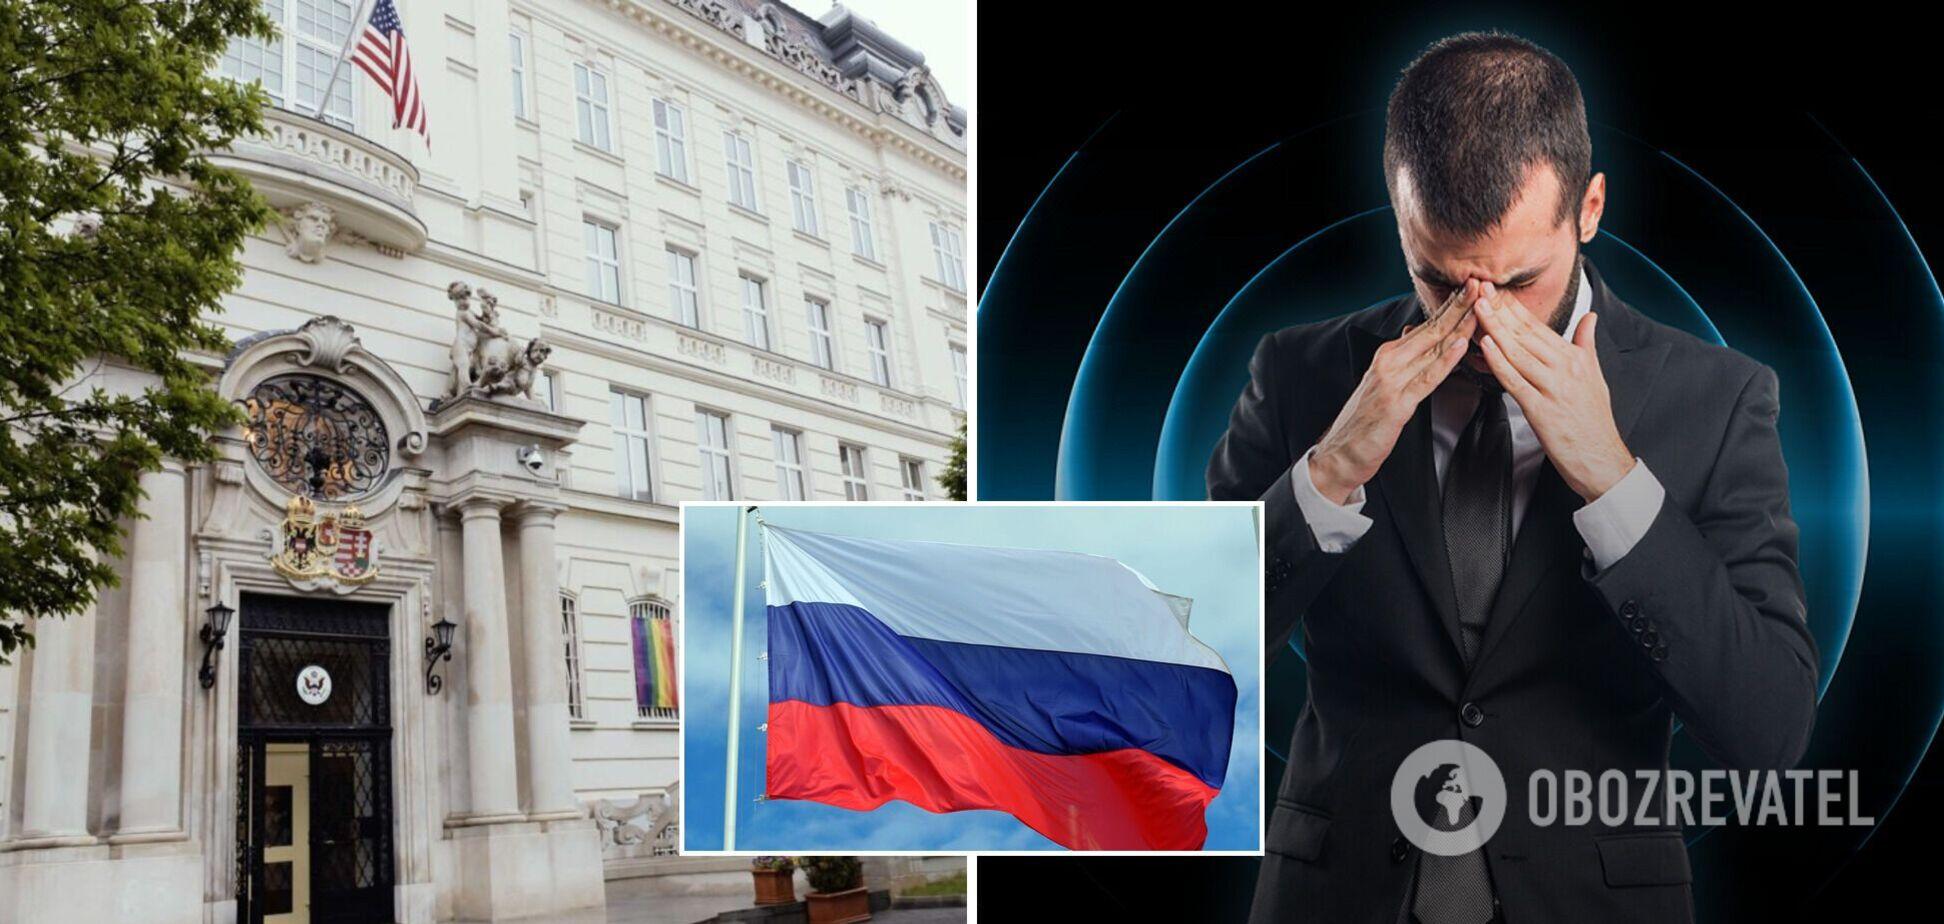 Співробітники посольства у Відні поскаржилися на раптові мігрені